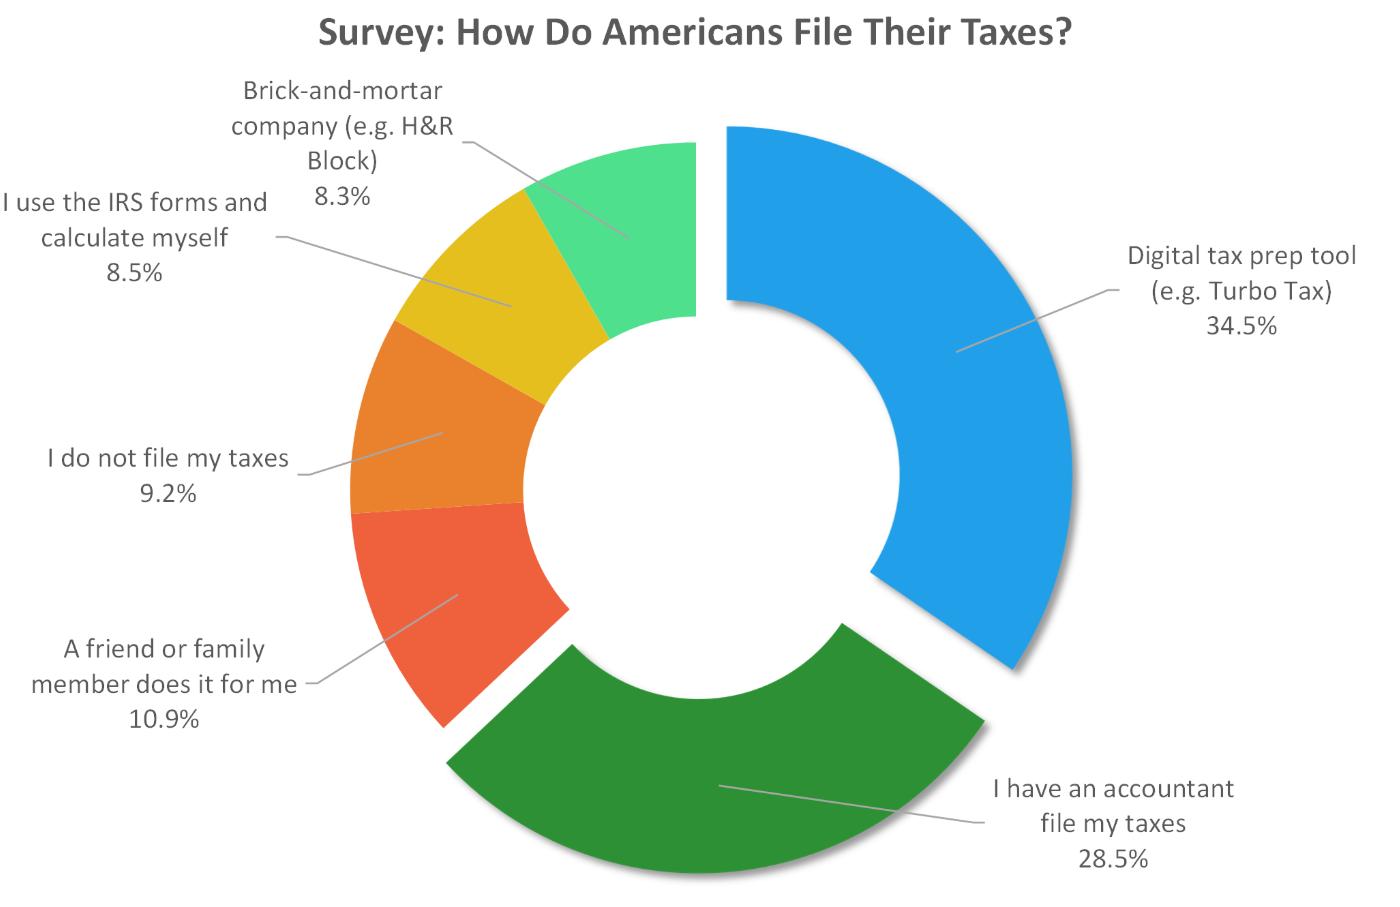 Исследование 2016 года по методам заполнения и отправки налоговых деклараций. Доля онлайн-сервисов — 34,5%. Источник: GOBankingRates